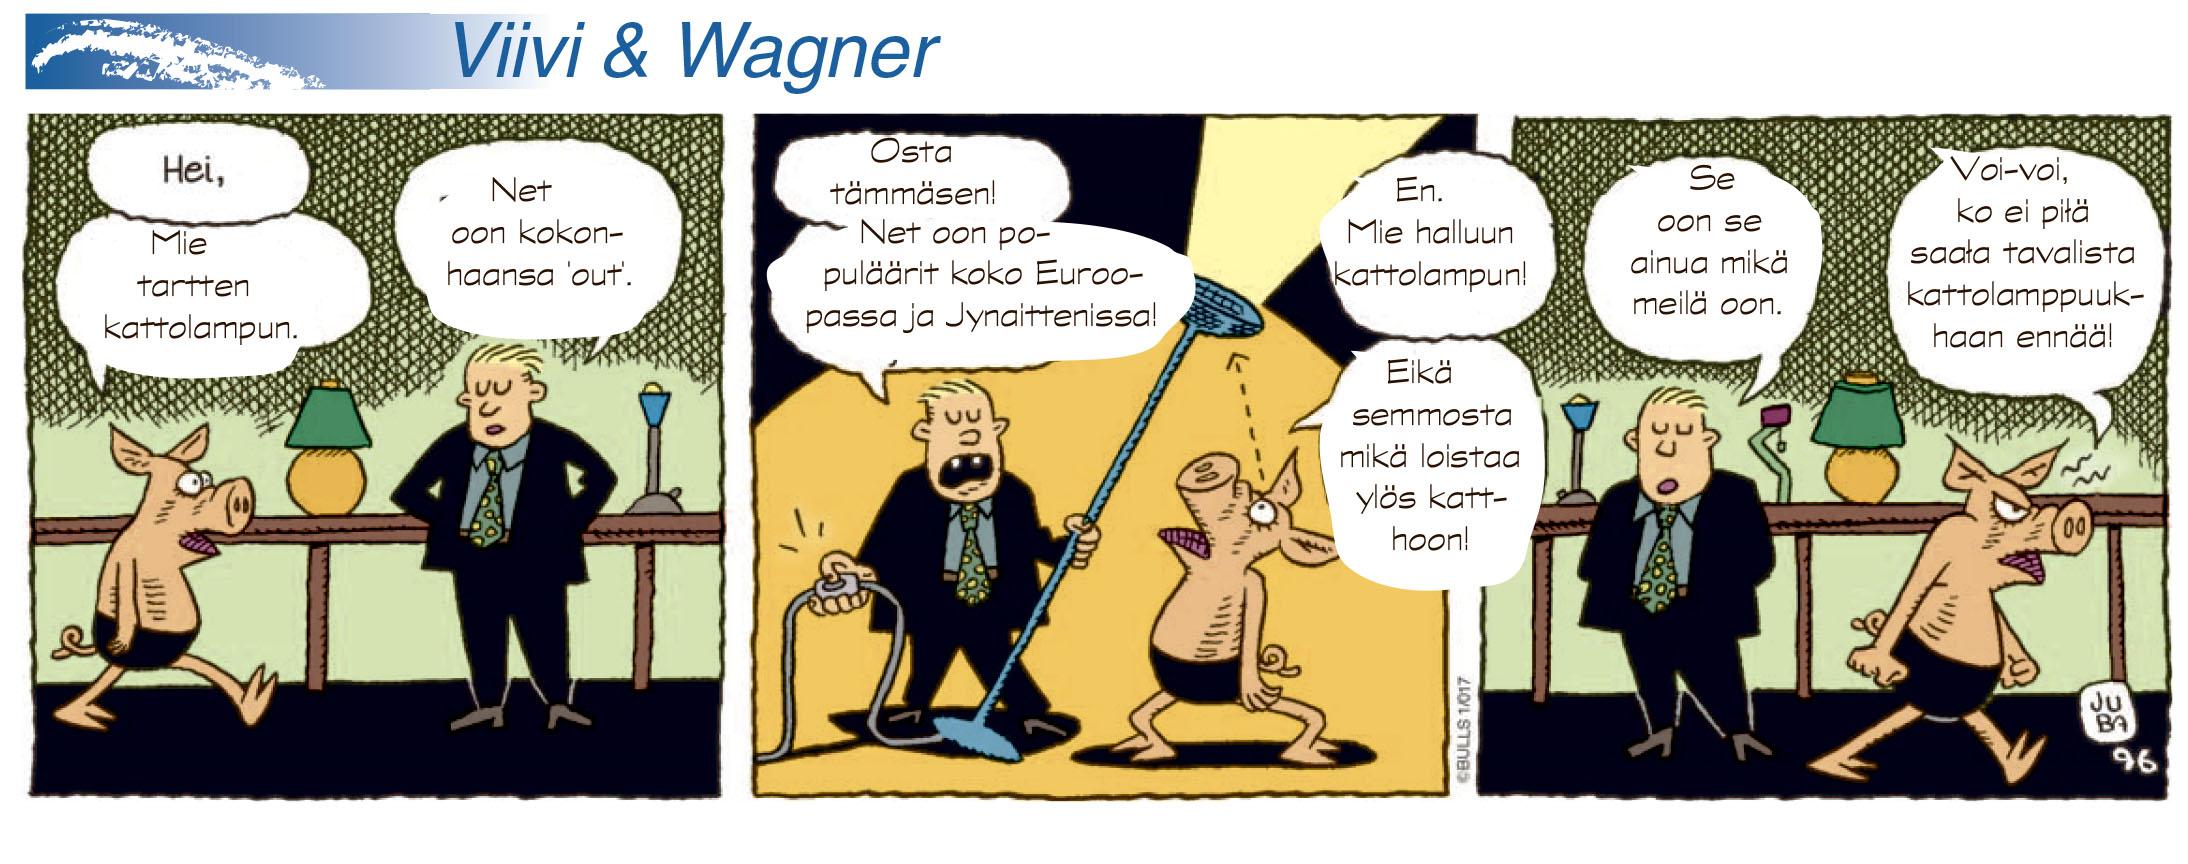 Viivi & Wagner (nr 7 -2013)